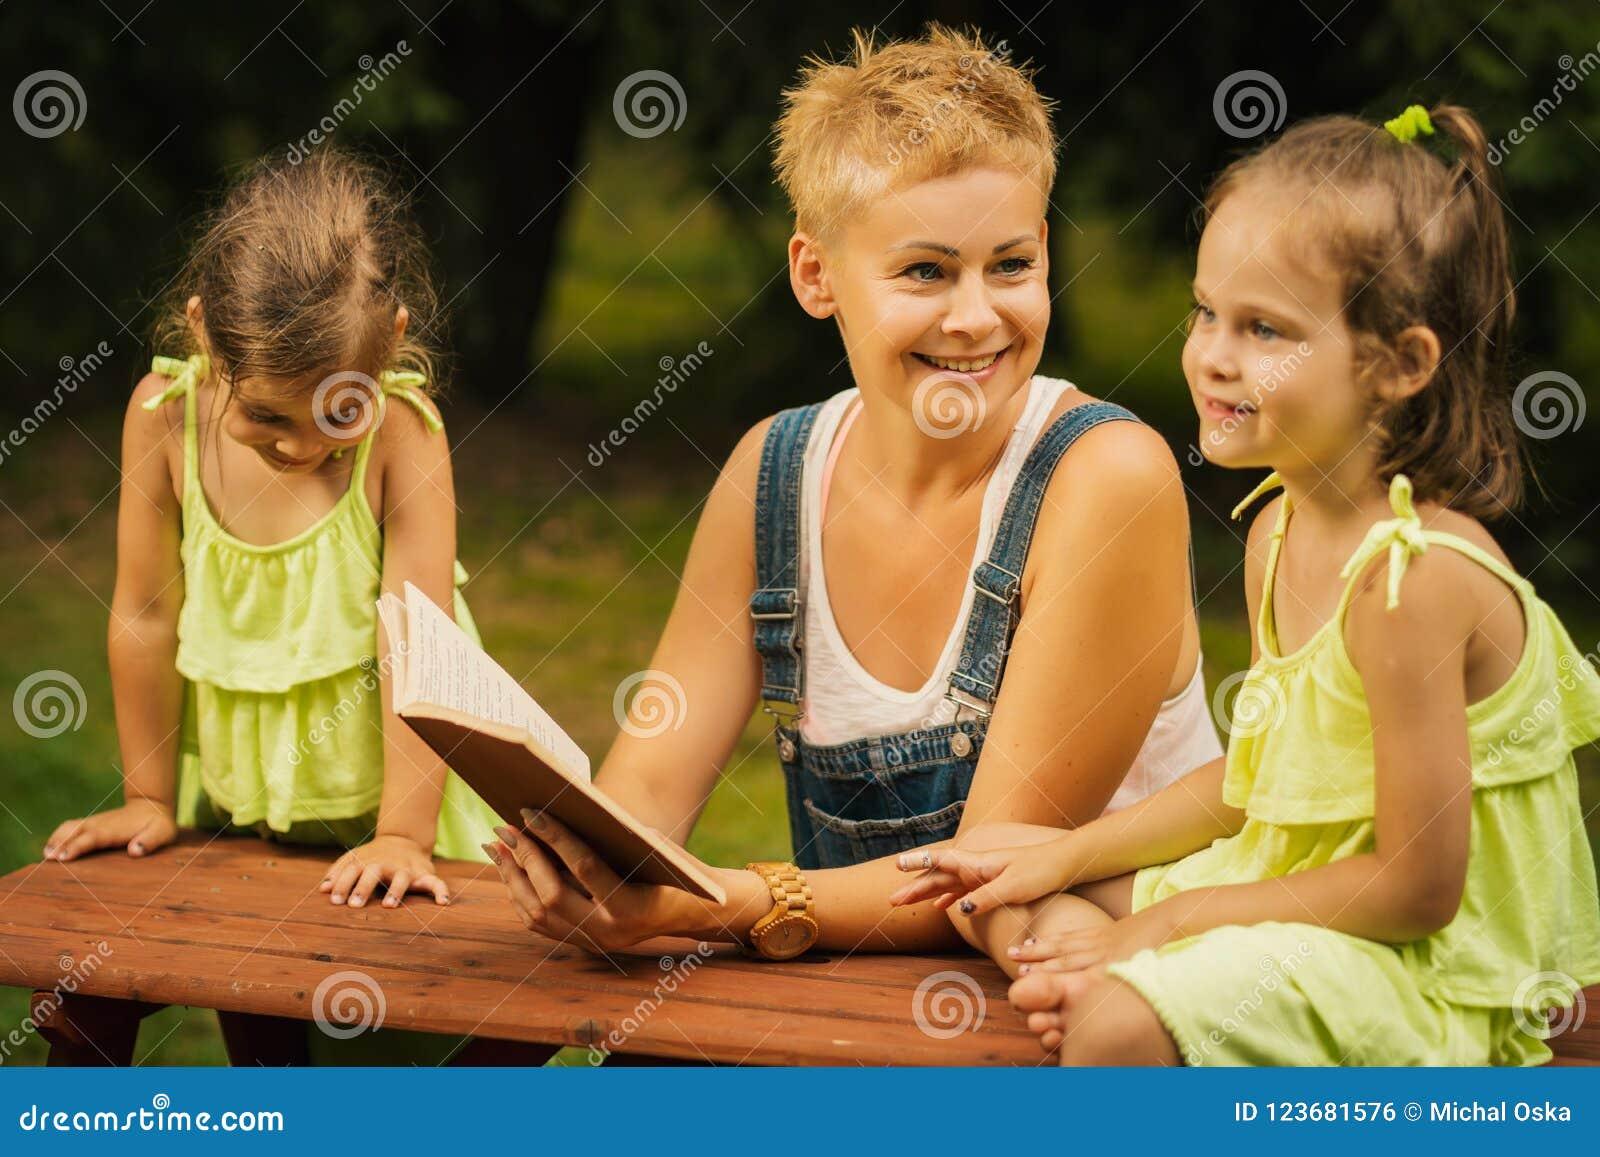 La mamá y dos hijas adorables hablan el uno al otro en el bosque del verano